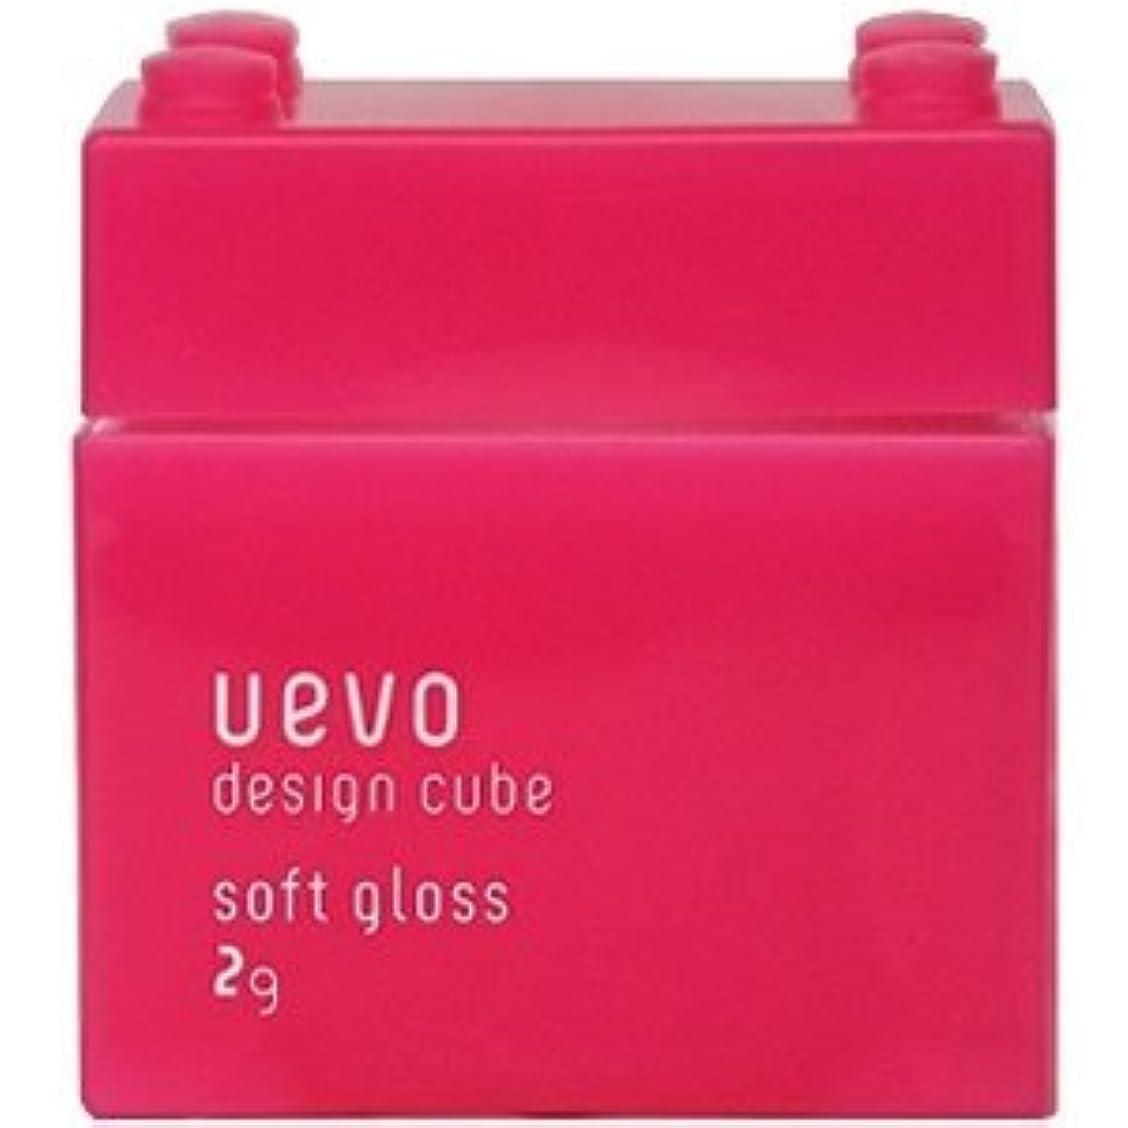 不利効果無駄に【X2個セット】 デミ ウェーボ デザインキューブ ソフトグロス 80g soft gloss DEMI uevo design cube